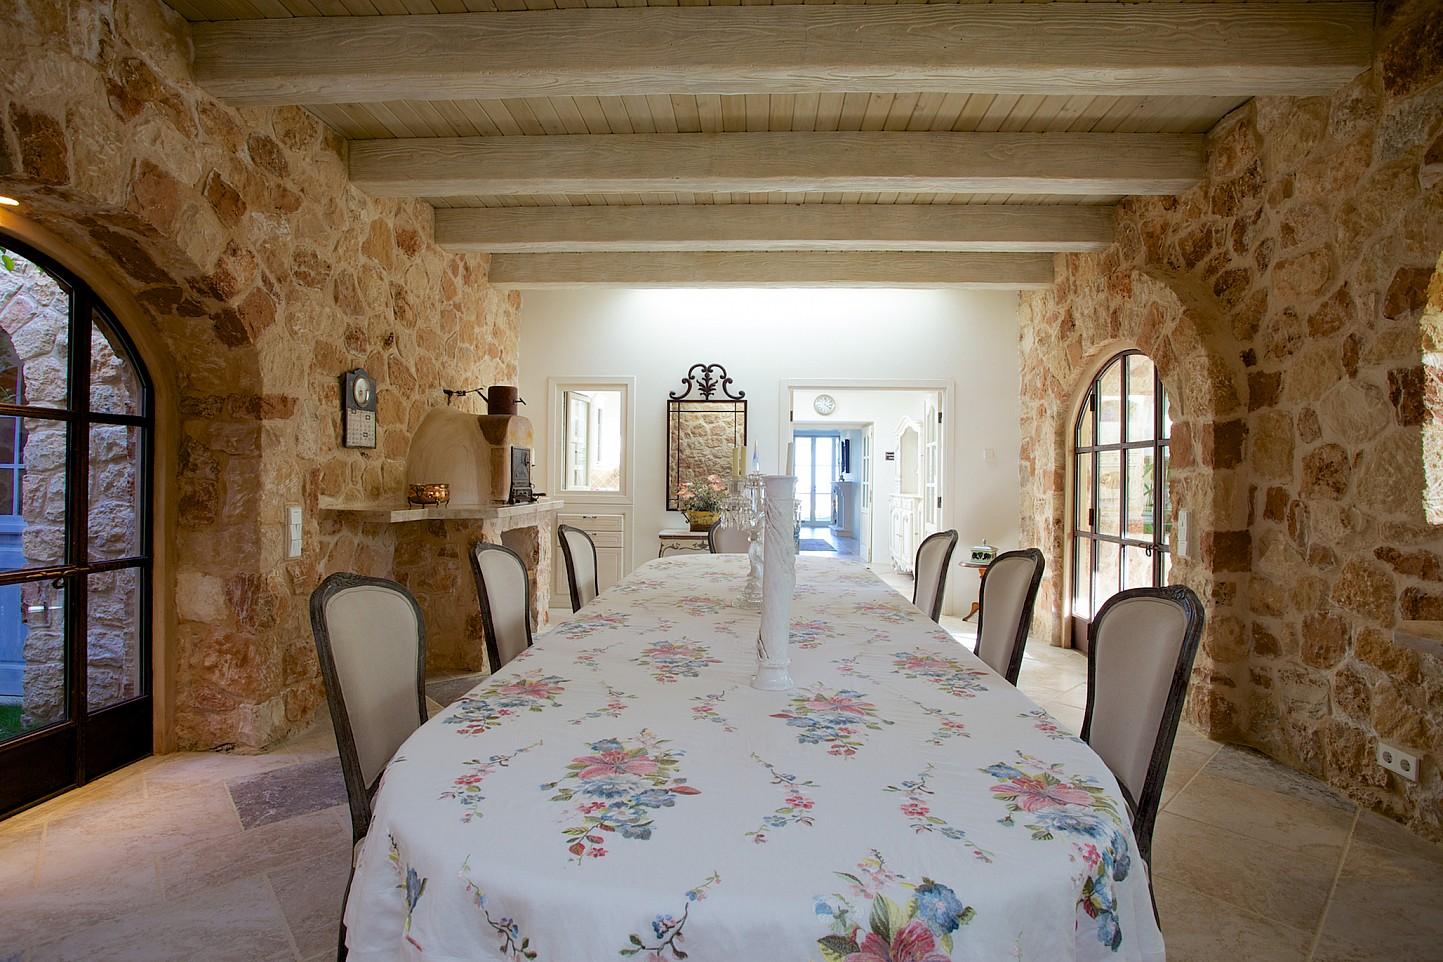 Menjador ampli rodejat per finestrals arquejats